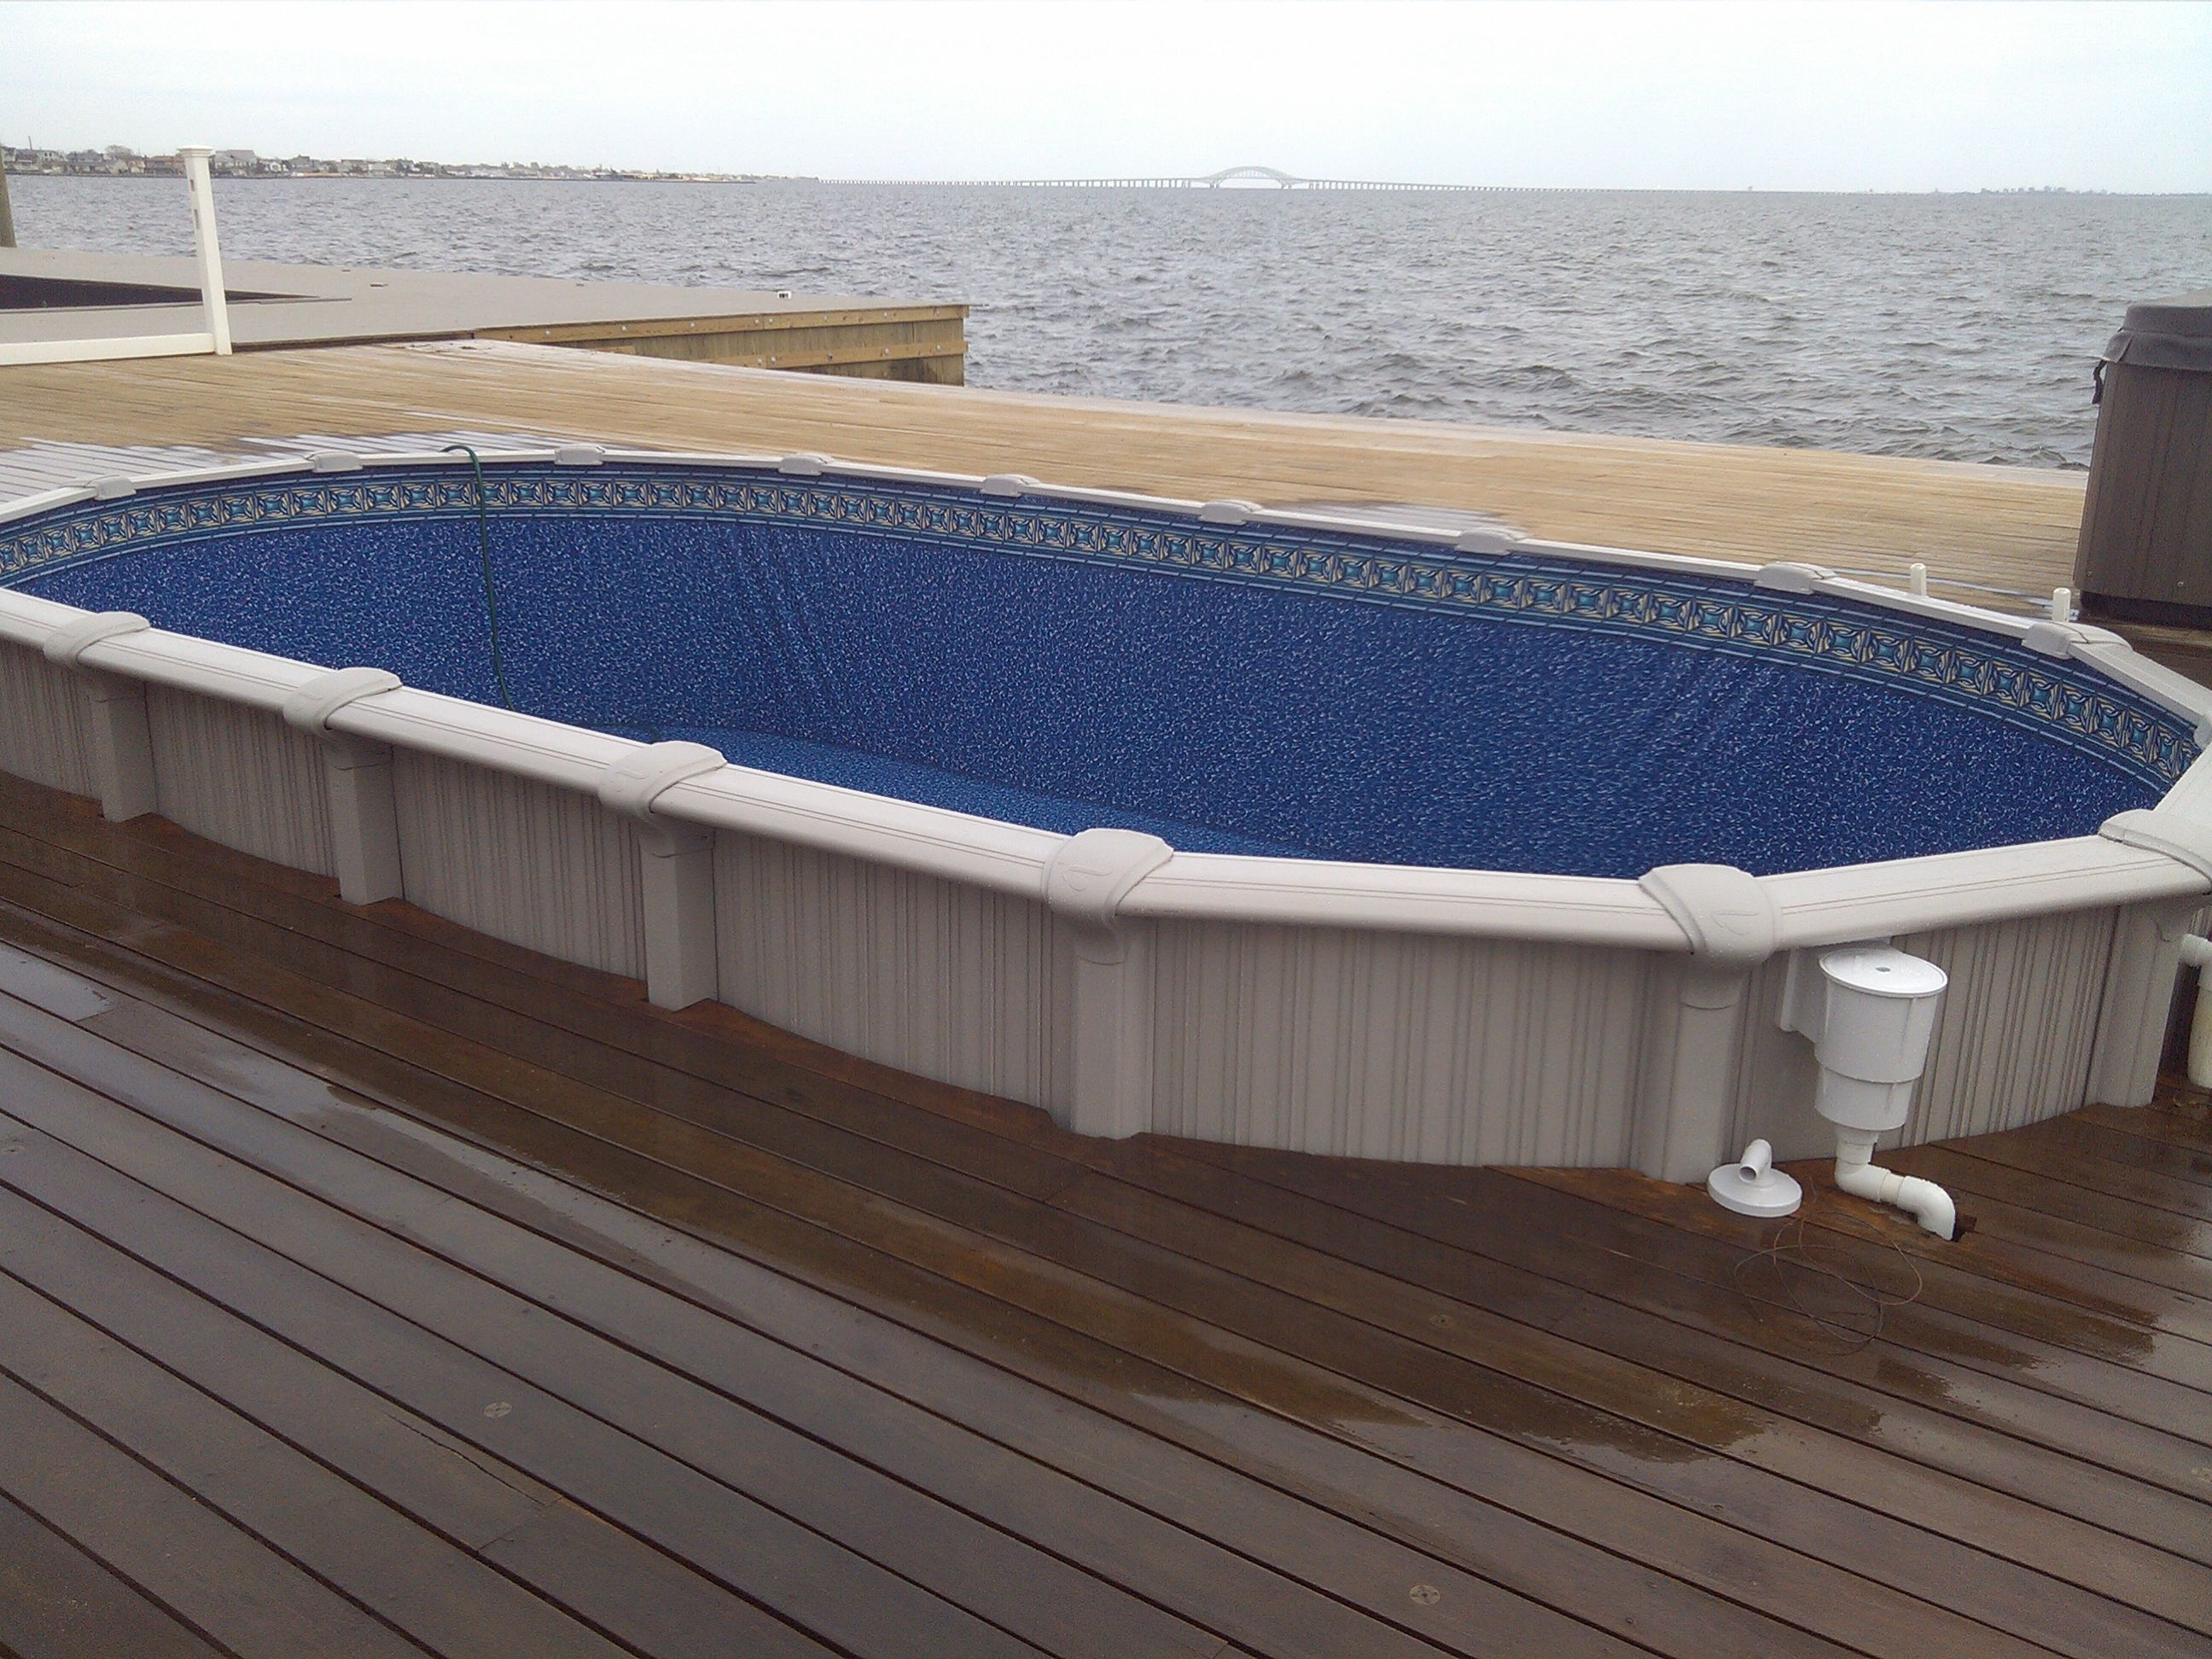 Sharkline Semi Inground pool with deck built around it ...